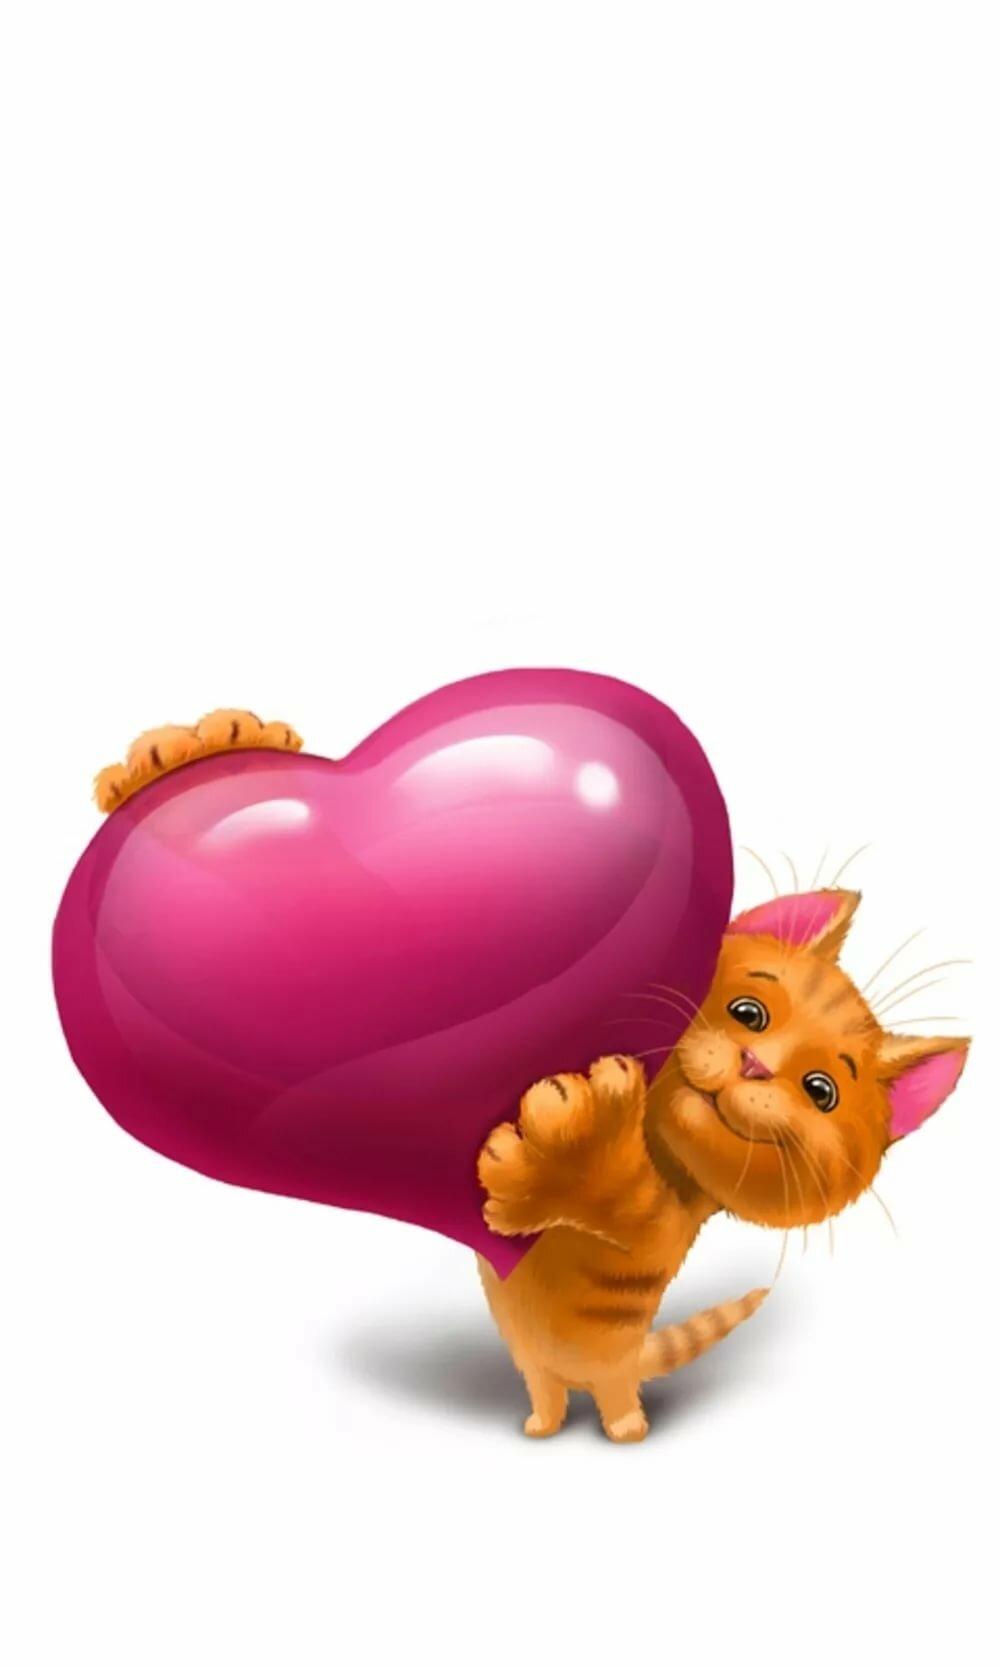 Картинка кот и сердце